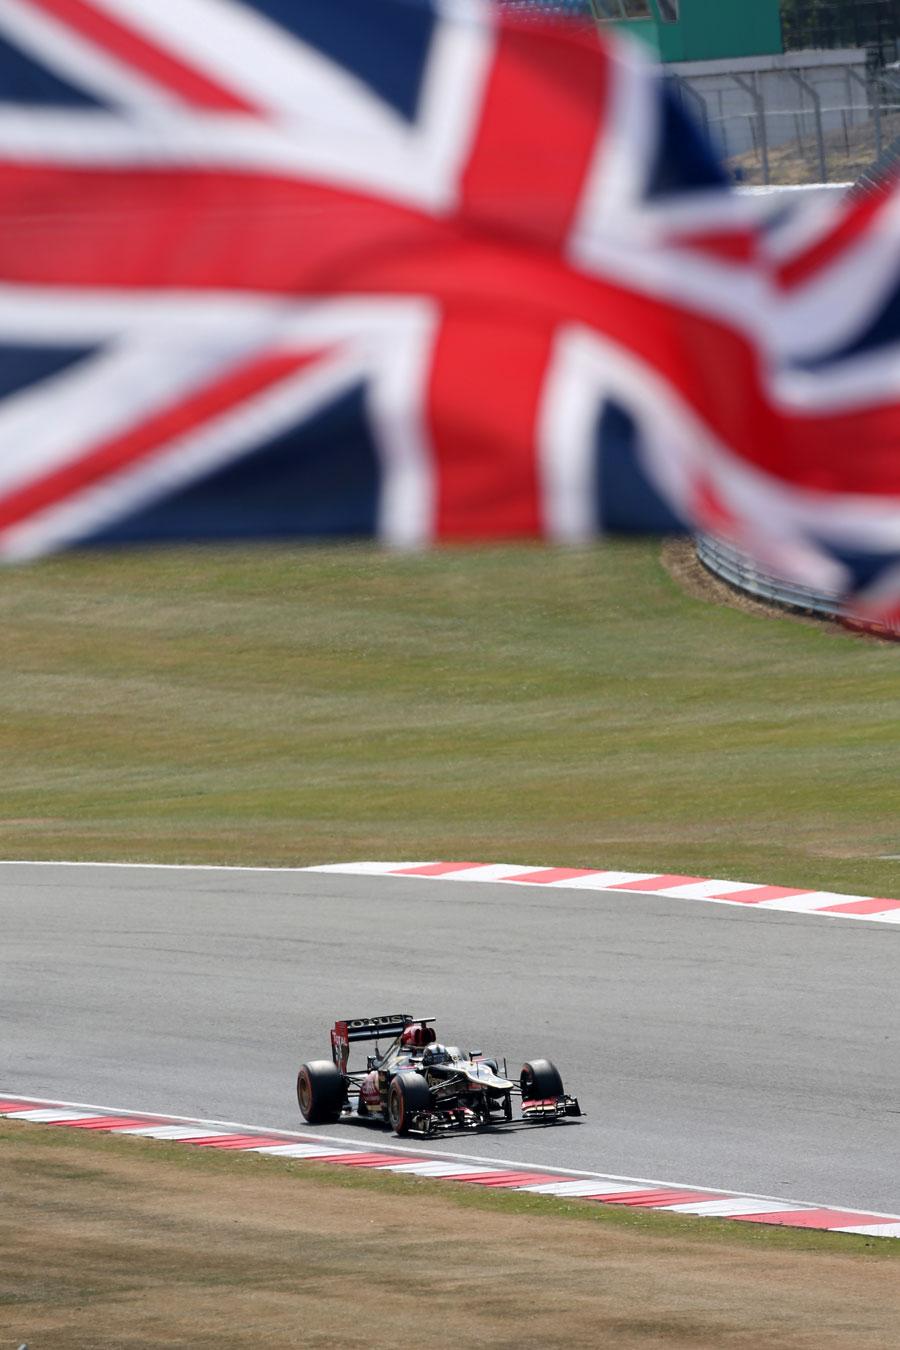 Davide Valsecchi on track in the Lotus E21